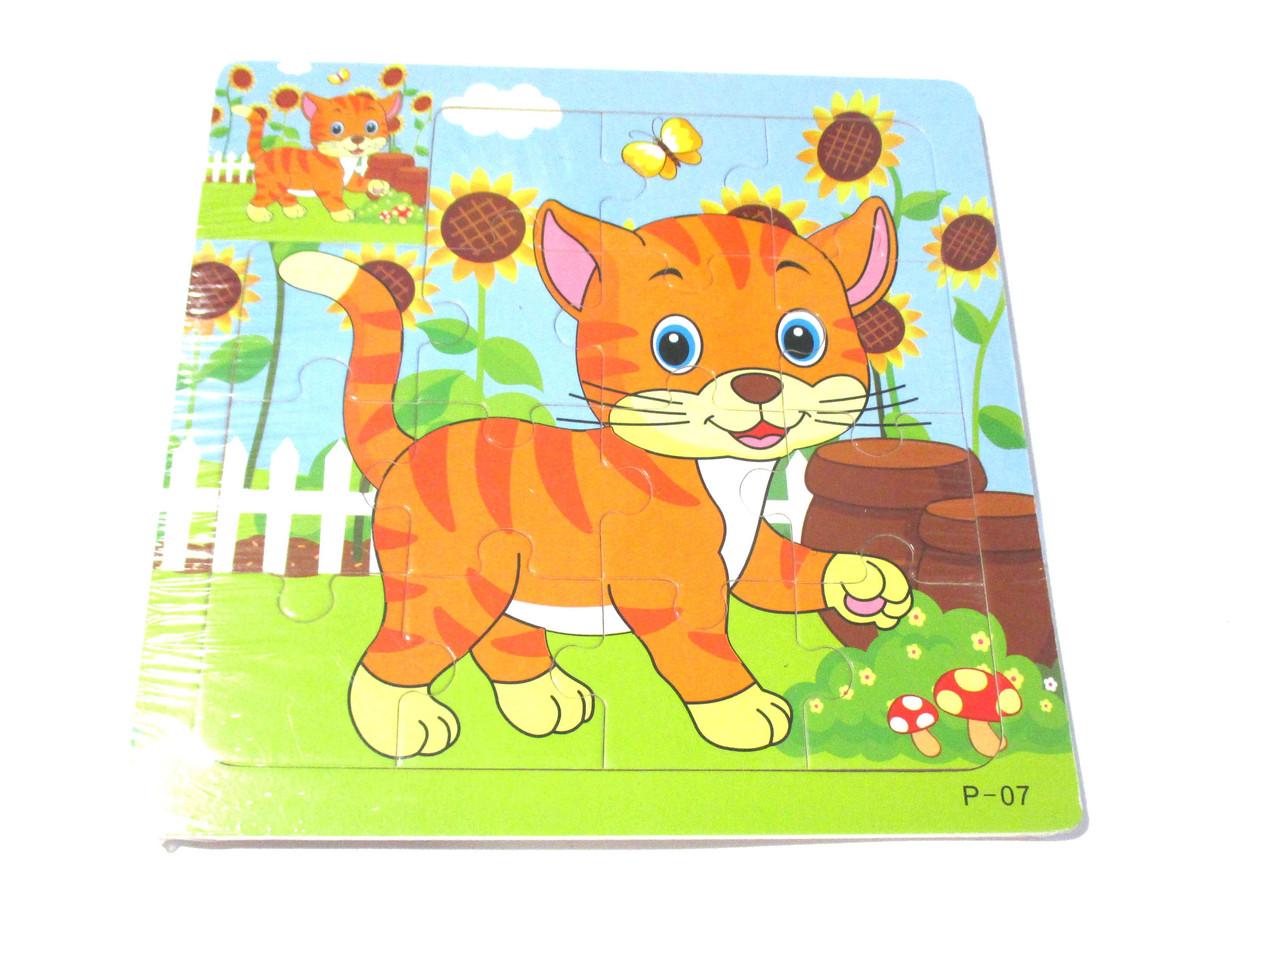 Деревянная игрушка Пазлы MD 1423 Кошка 15-15-0.5см 2193